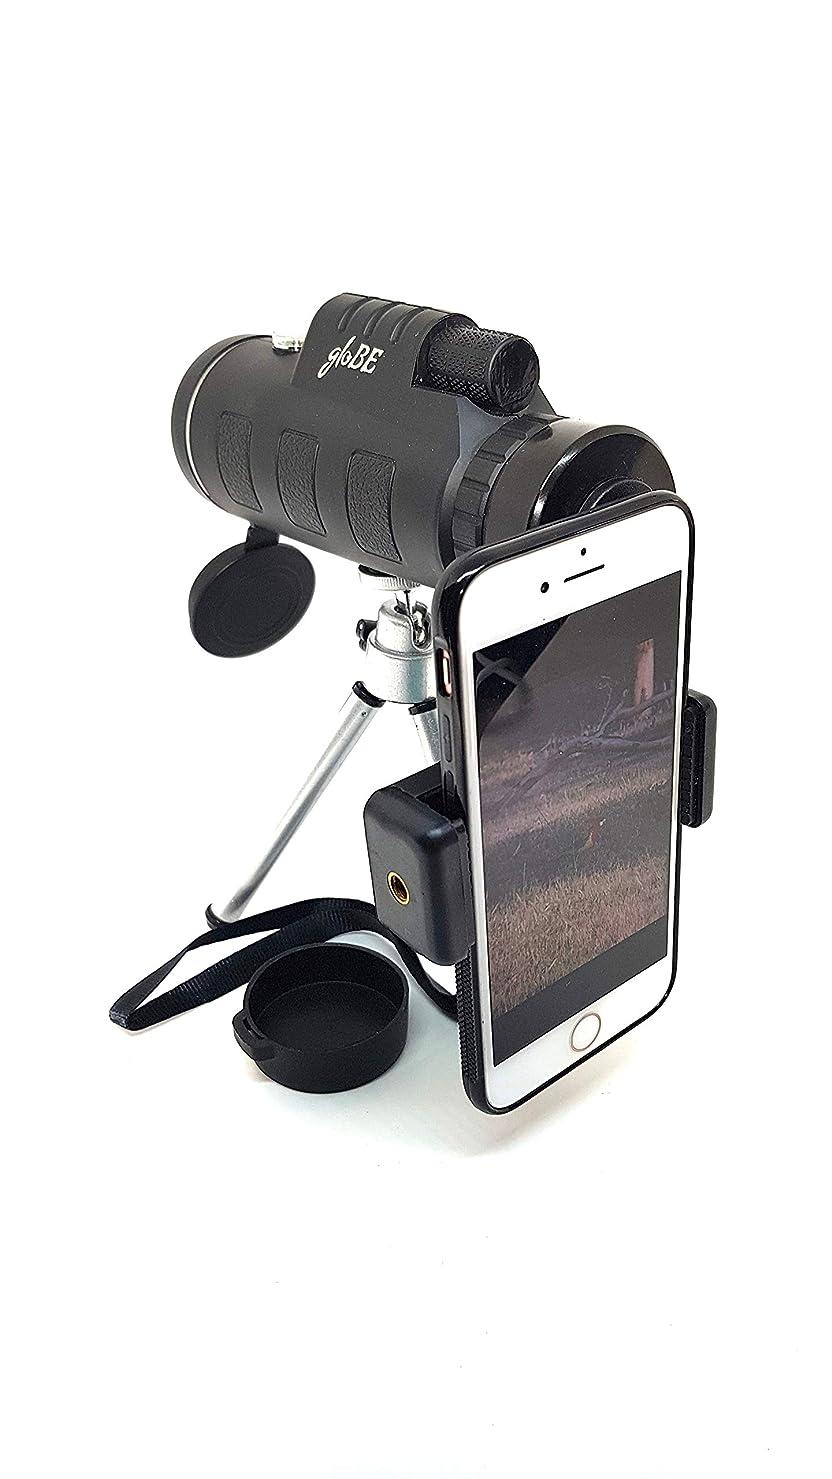 六分儀一節ジャンピングジャック12x52 BAK4 単眼鏡 望遠鏡 スマートフォンホルダー バードウォッチング キャンプ ハンティング 景色 野生動物の観劇に最適